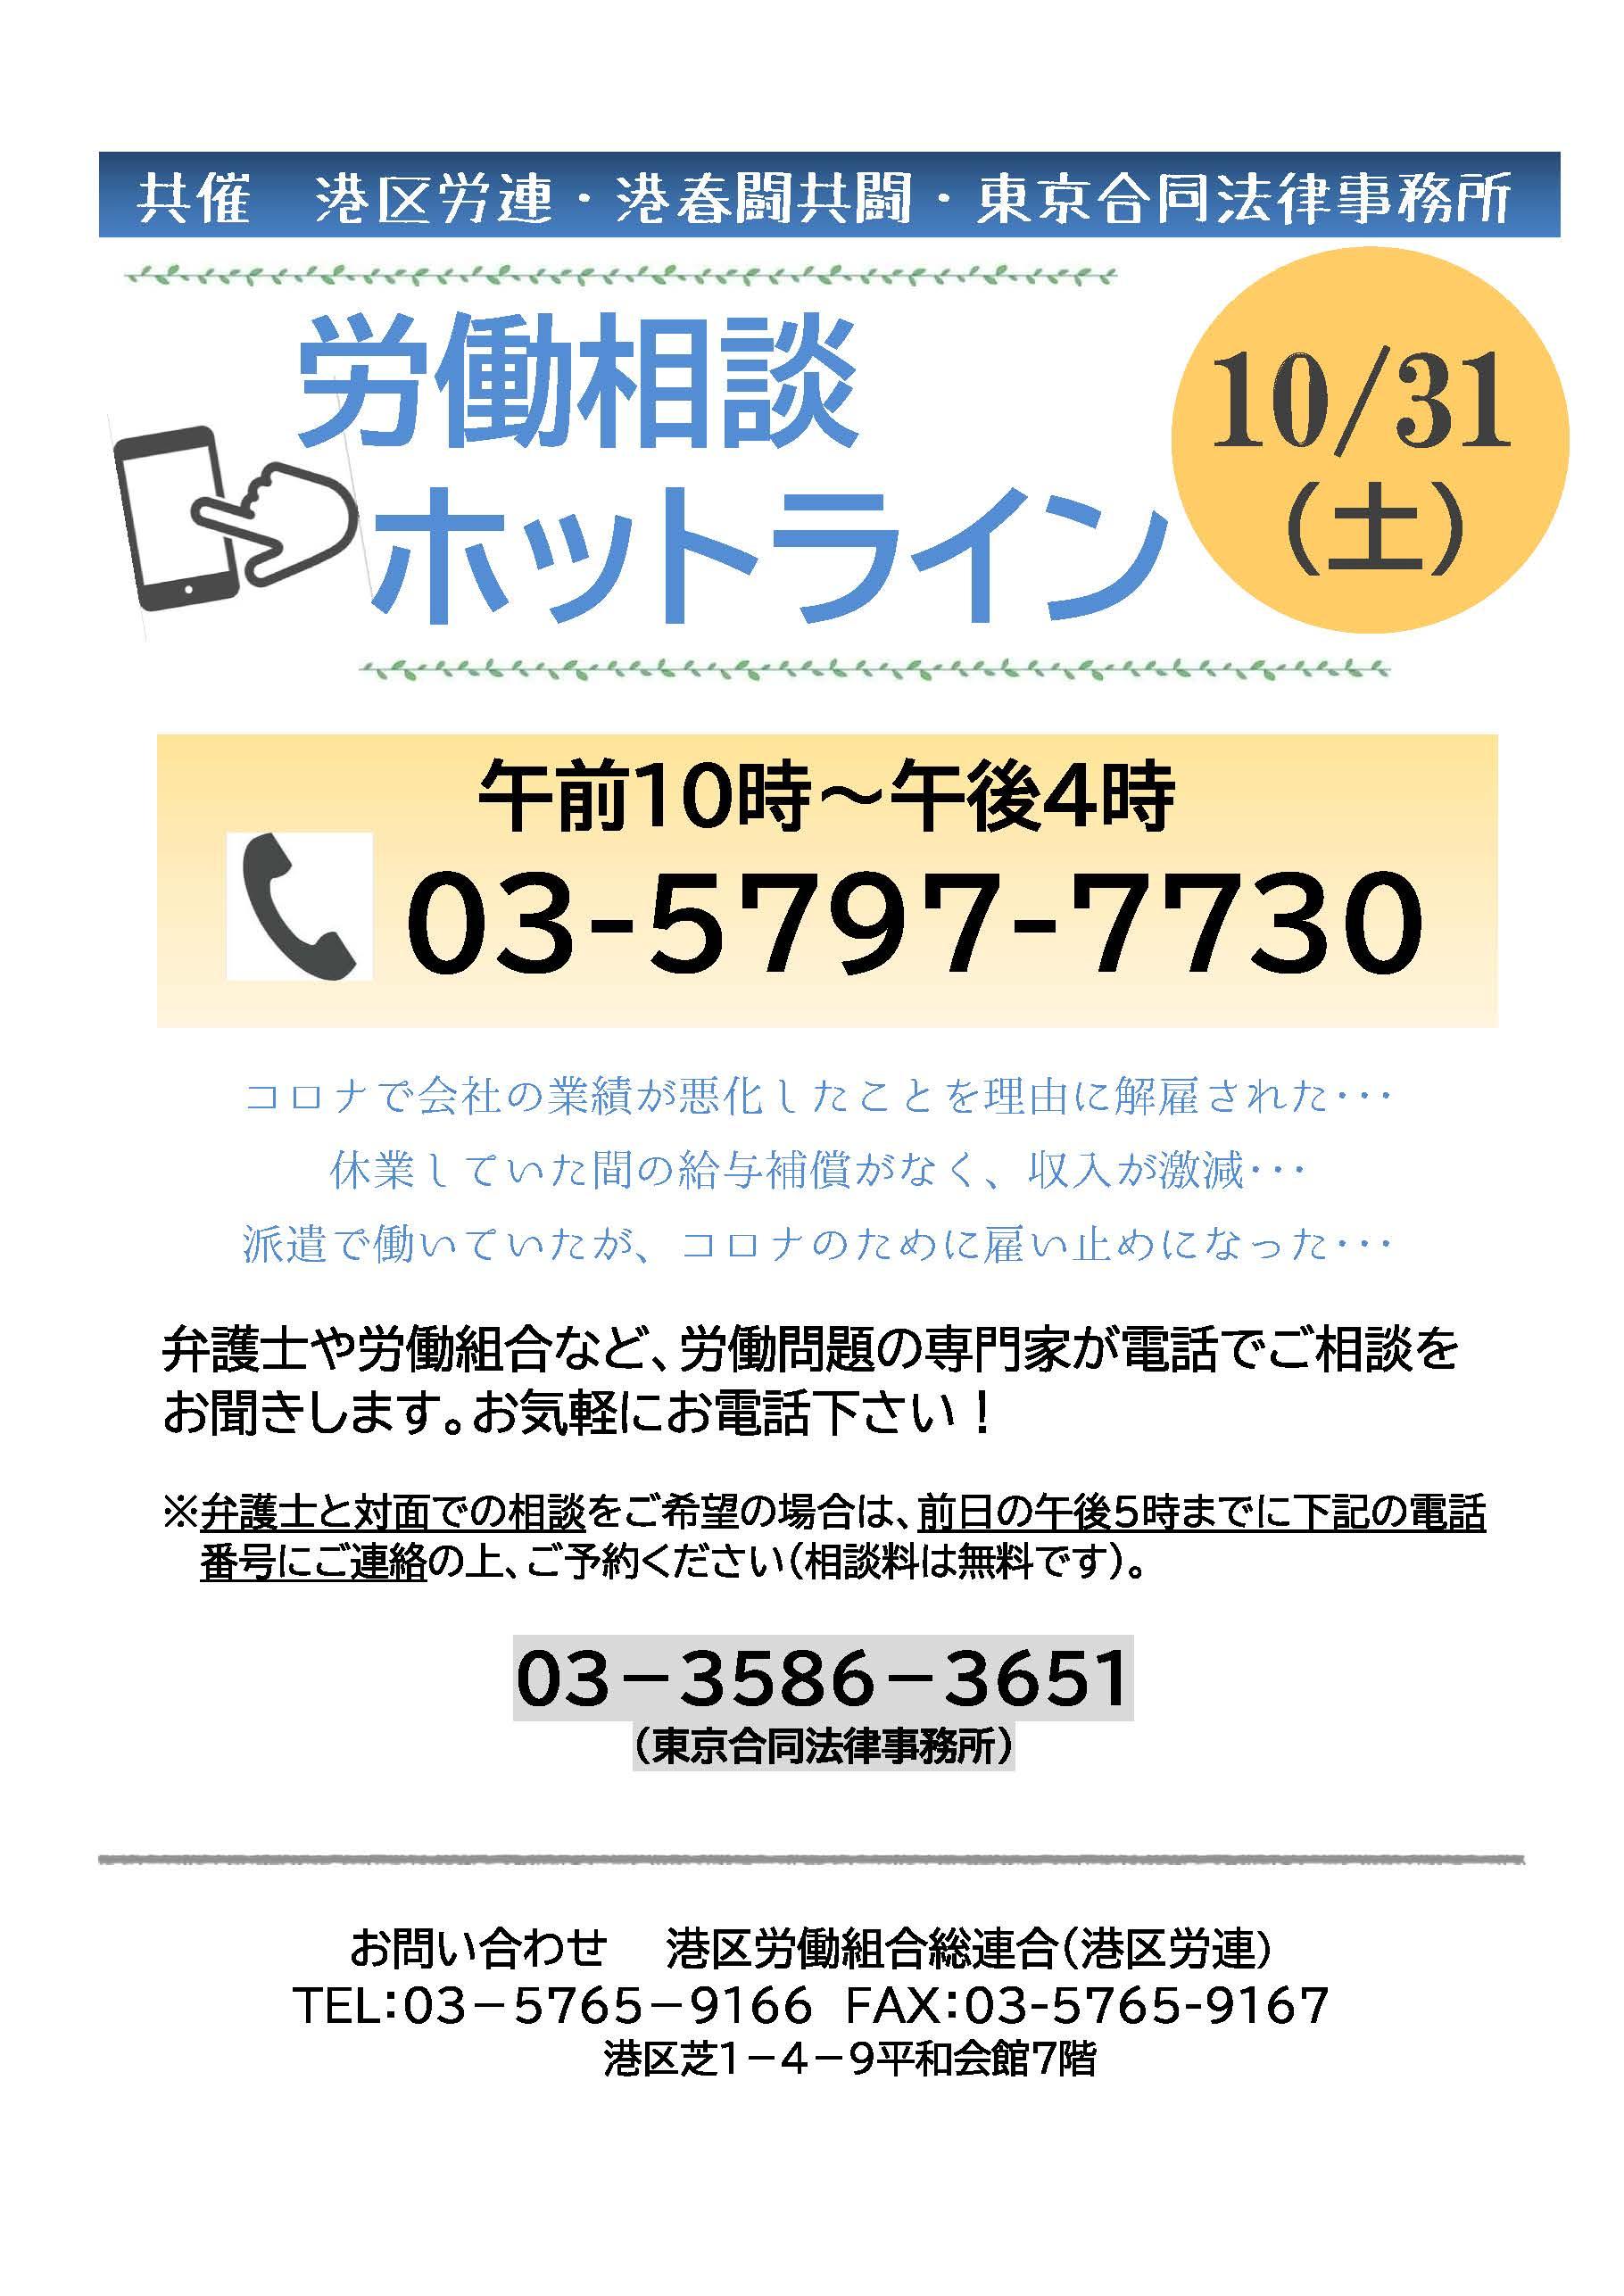 10月31日:労働相談ホットライン